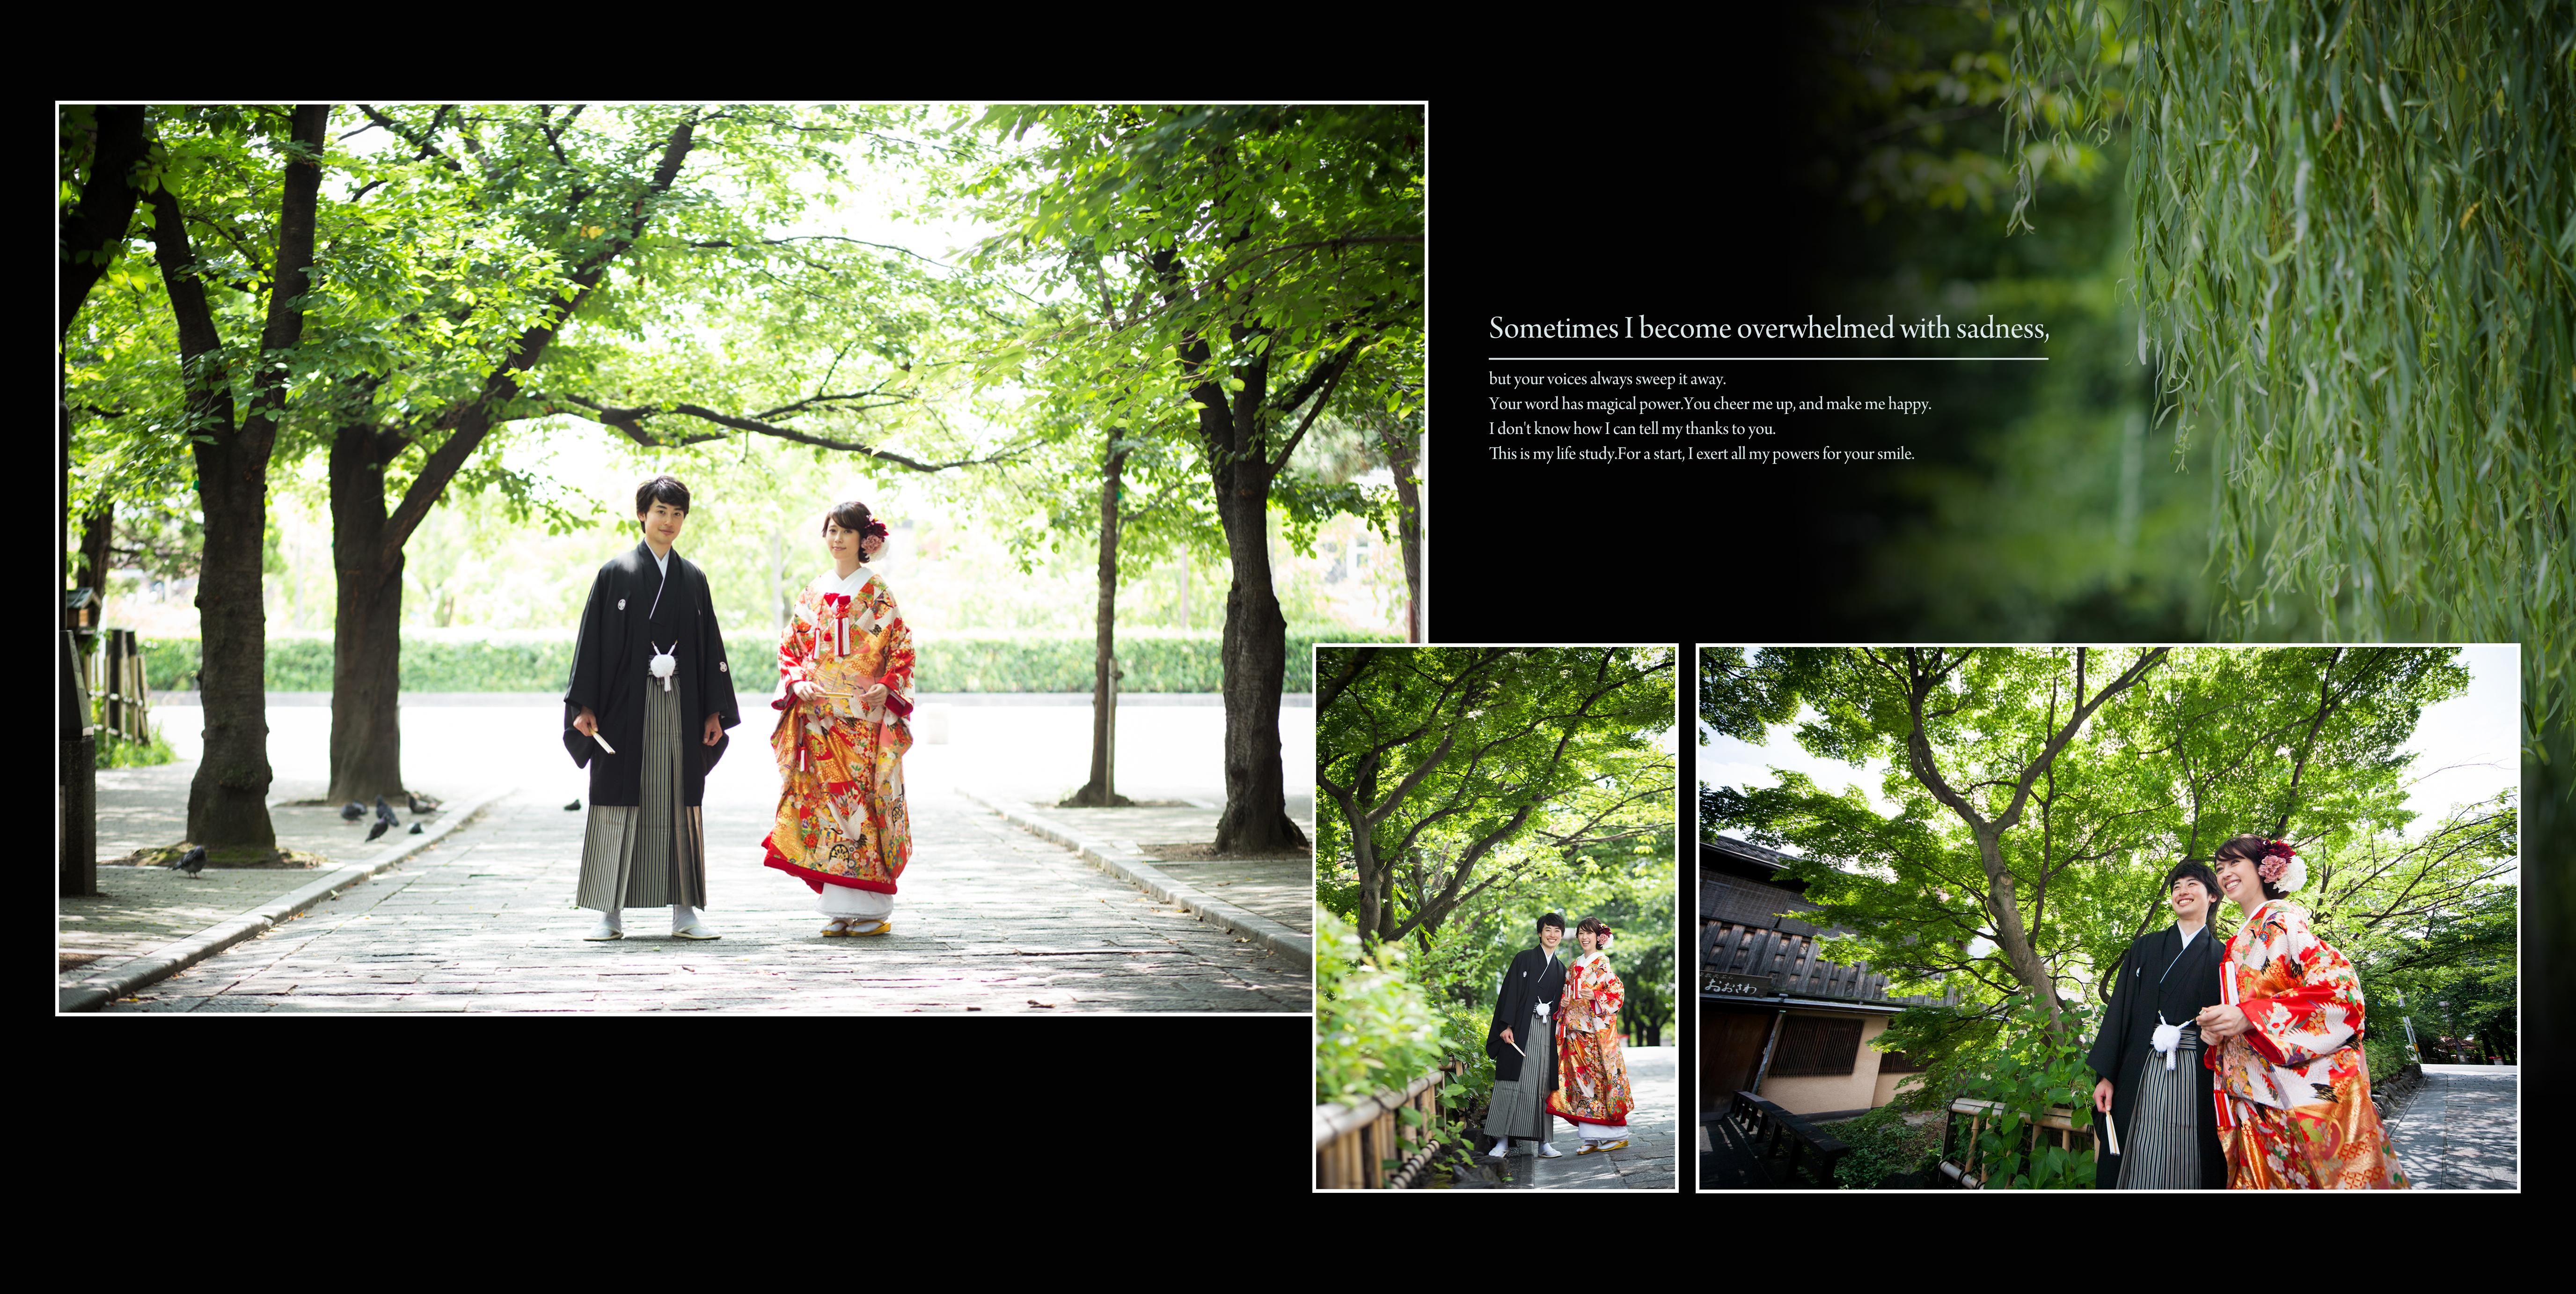 【結婚式アルバム写真の選び方】迷わず選定できる秘訣教えます!